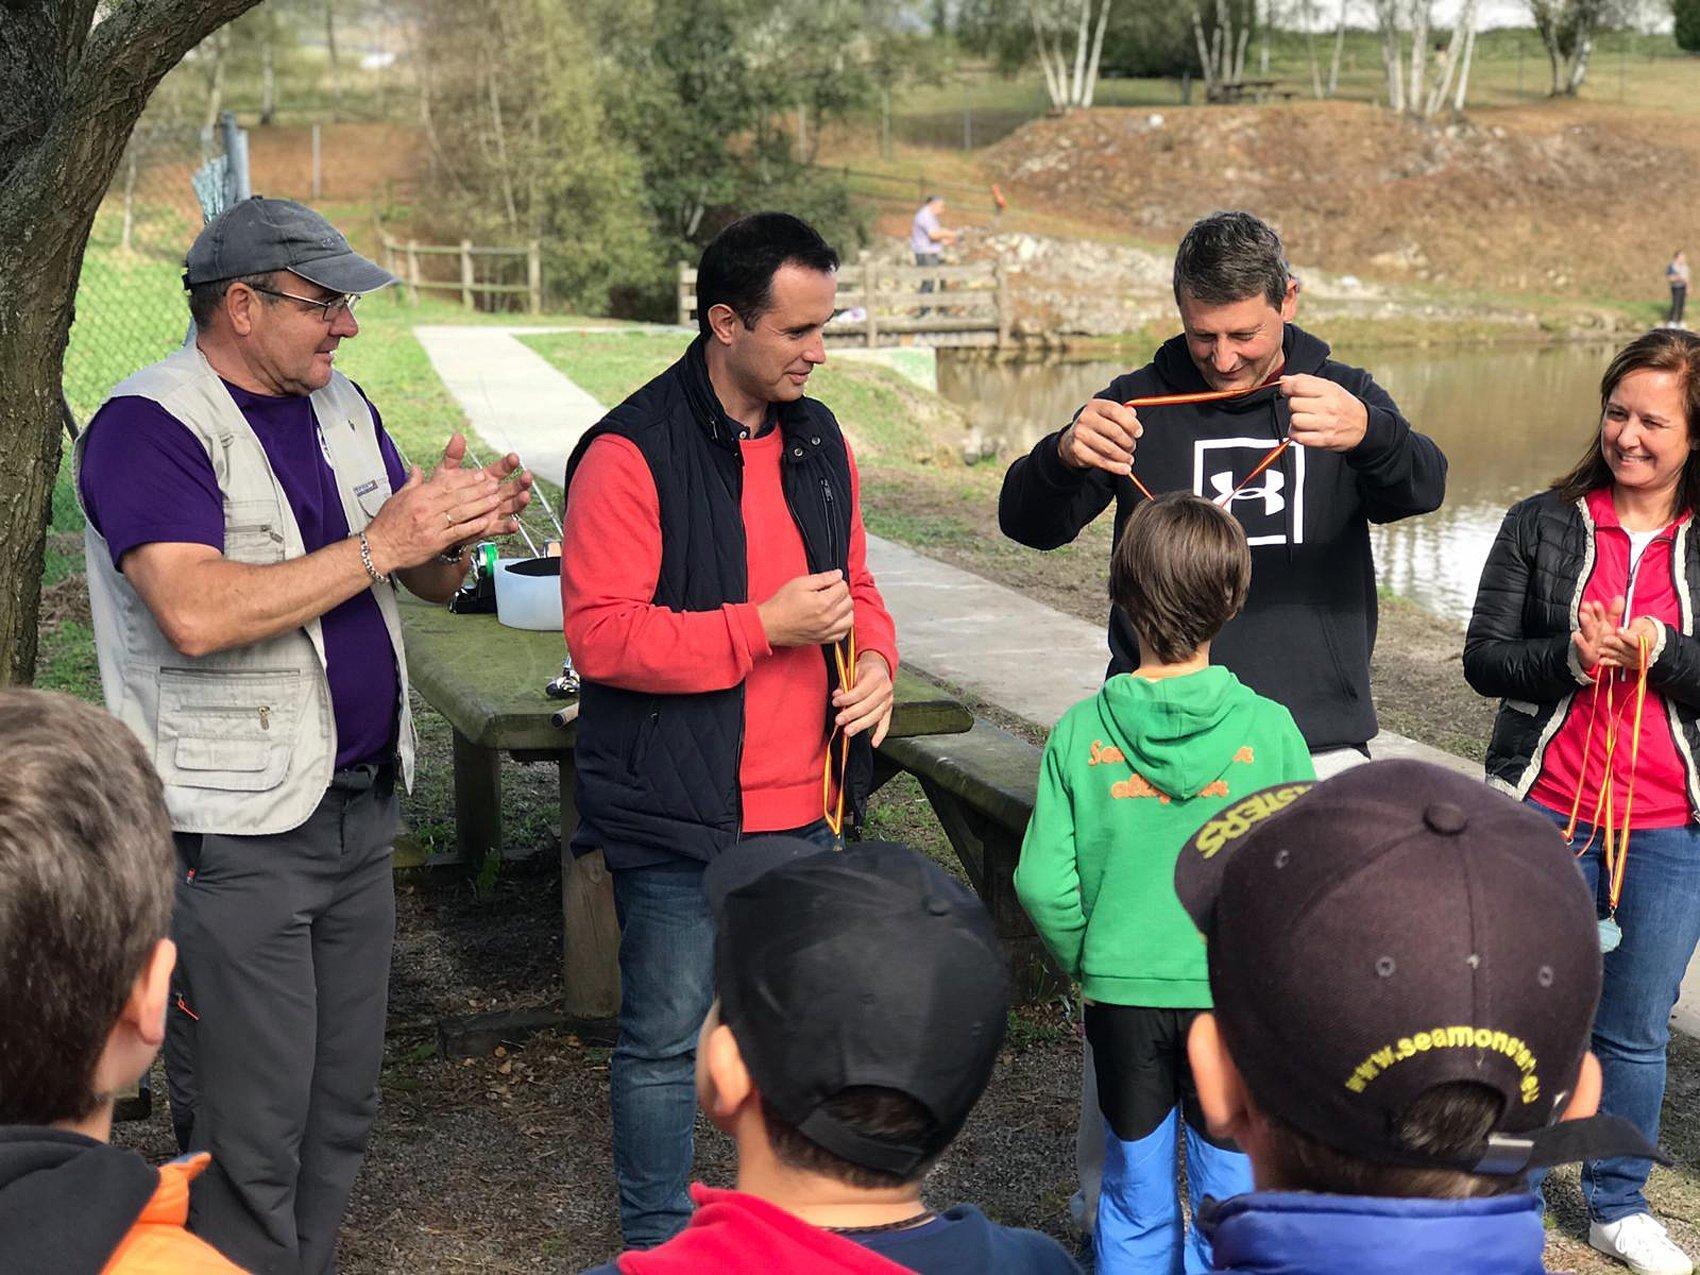 El Director General de Medio Ambiente asistió al Campeonato de Pesca Infantil de Tineo